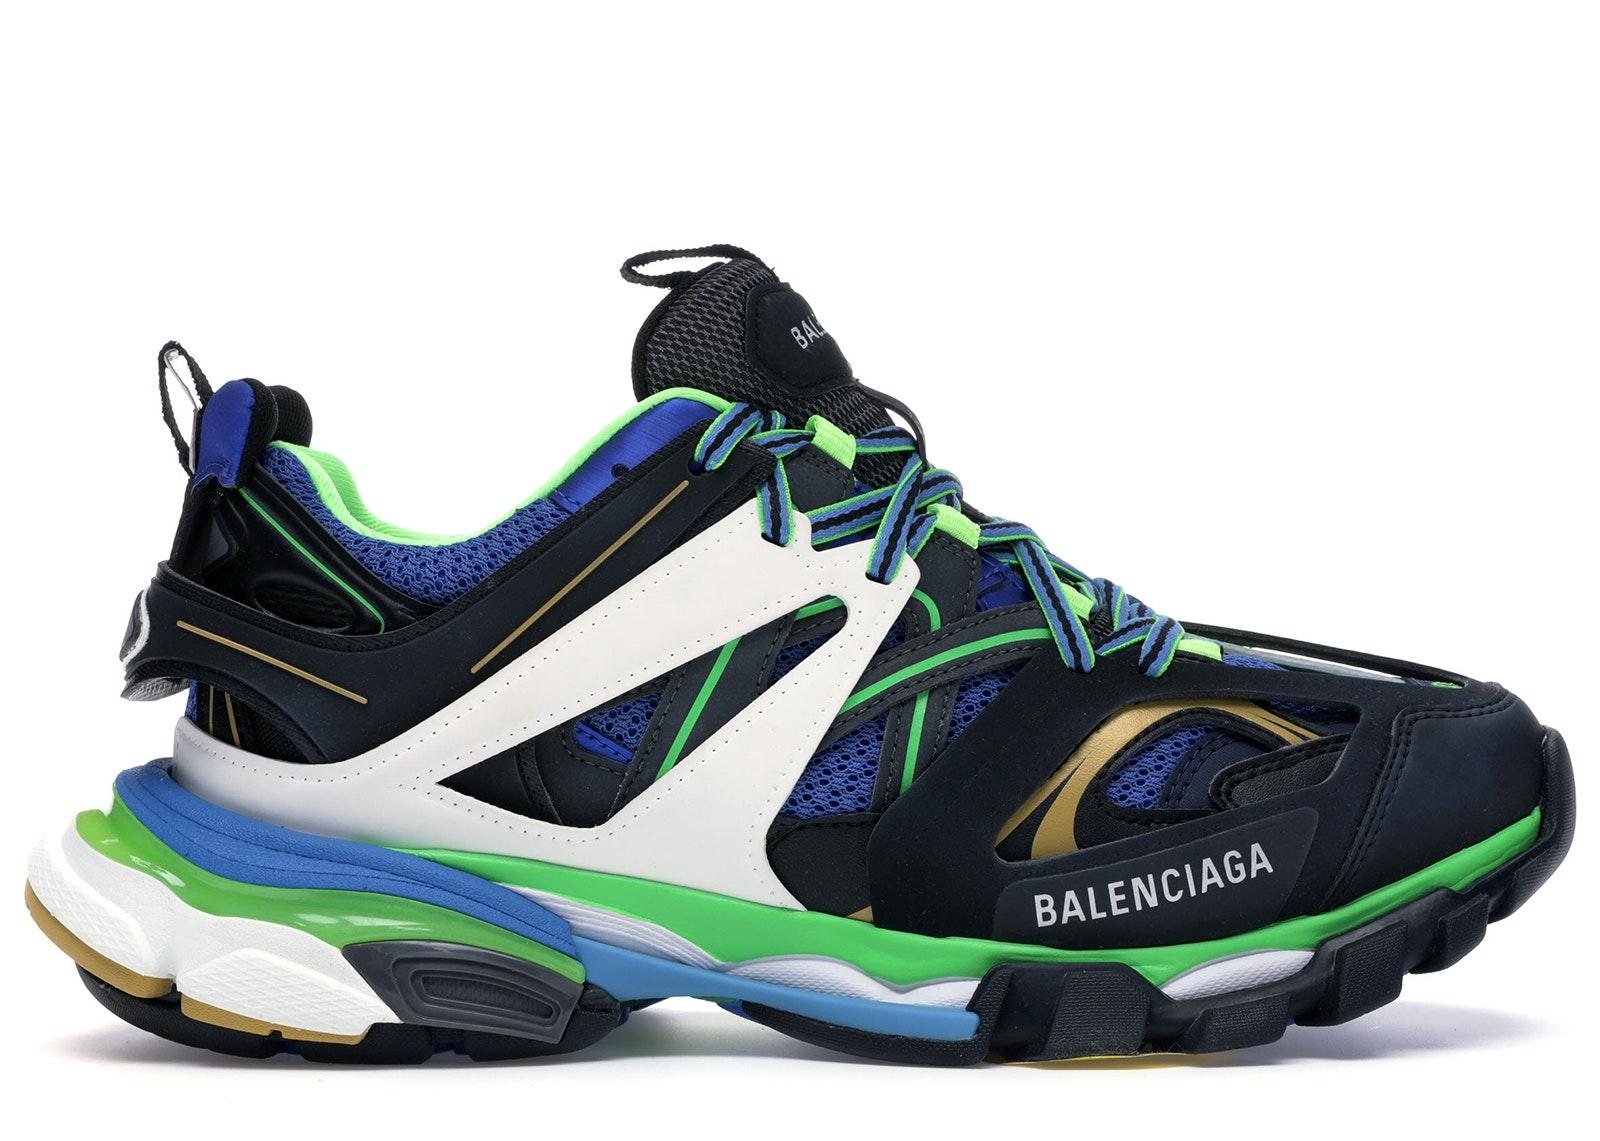 Mẫu giày Balenciaga Track 3.0 đình đám